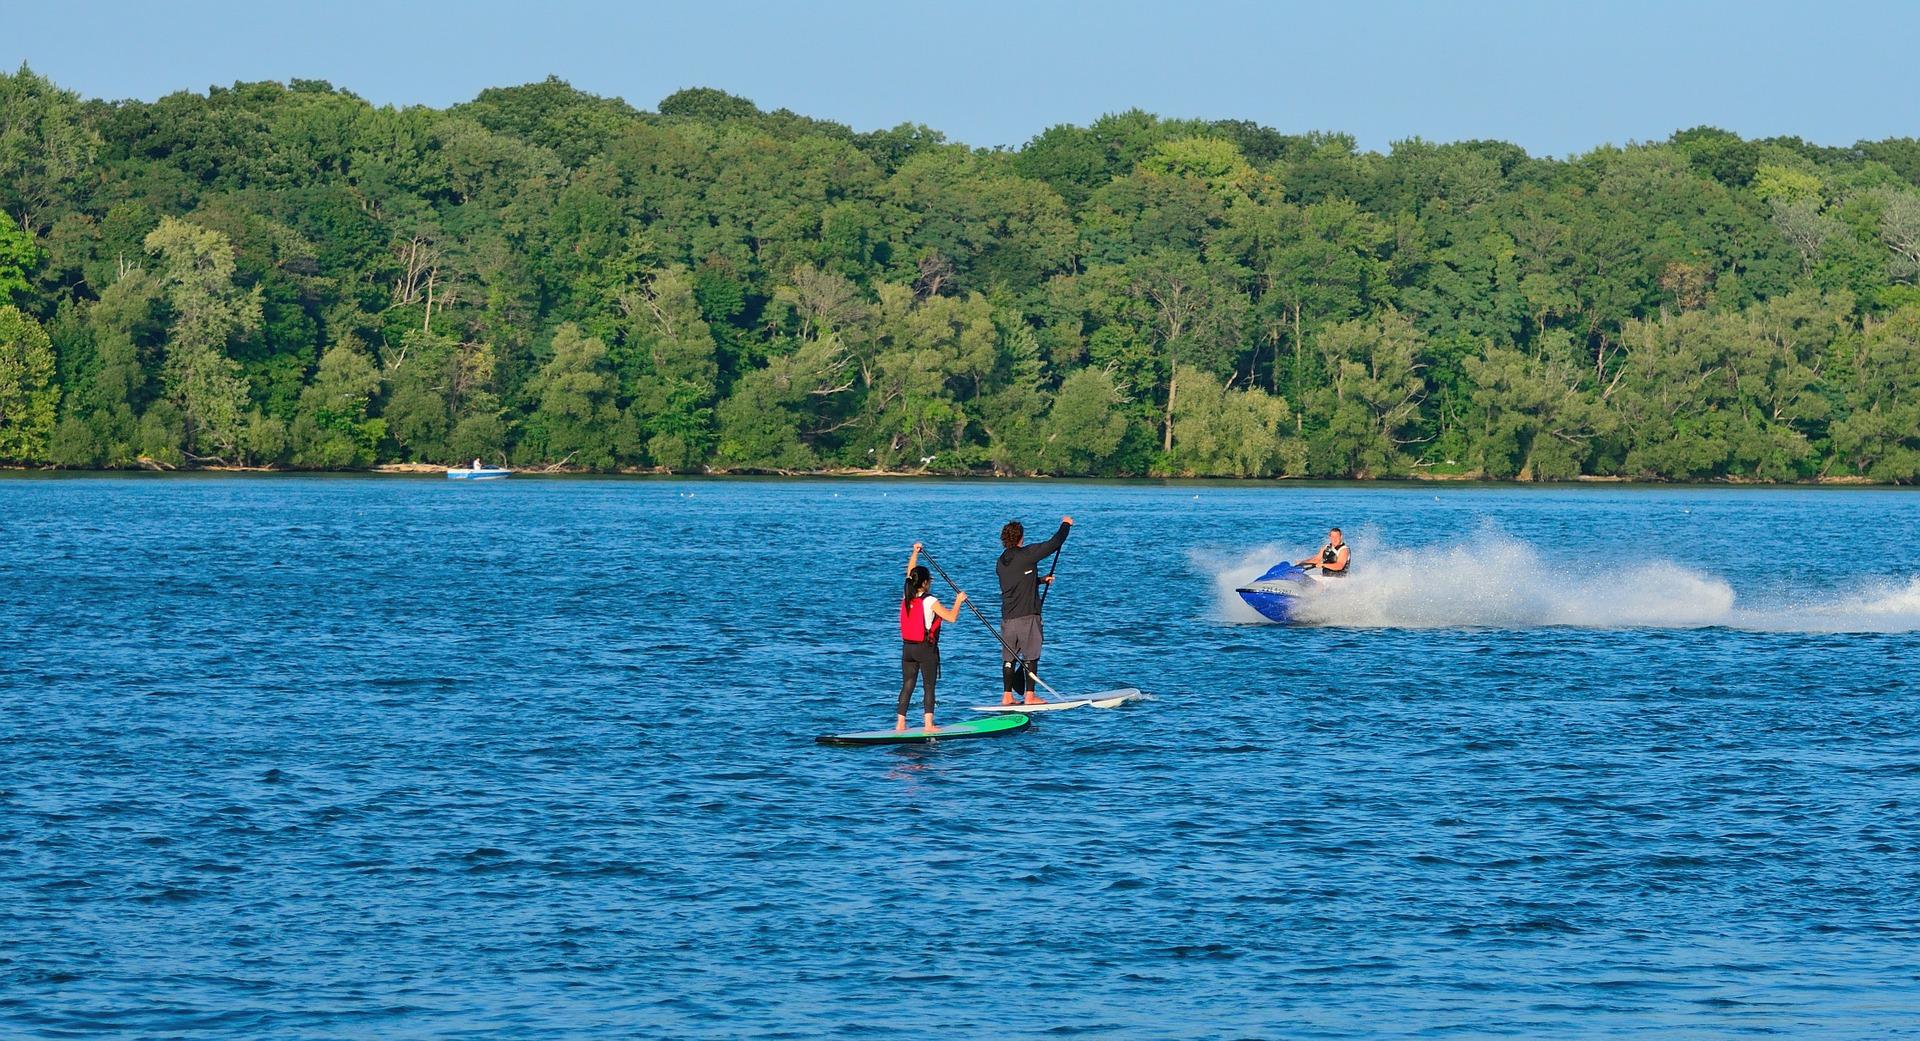 water-boards-426780_1920.jpg